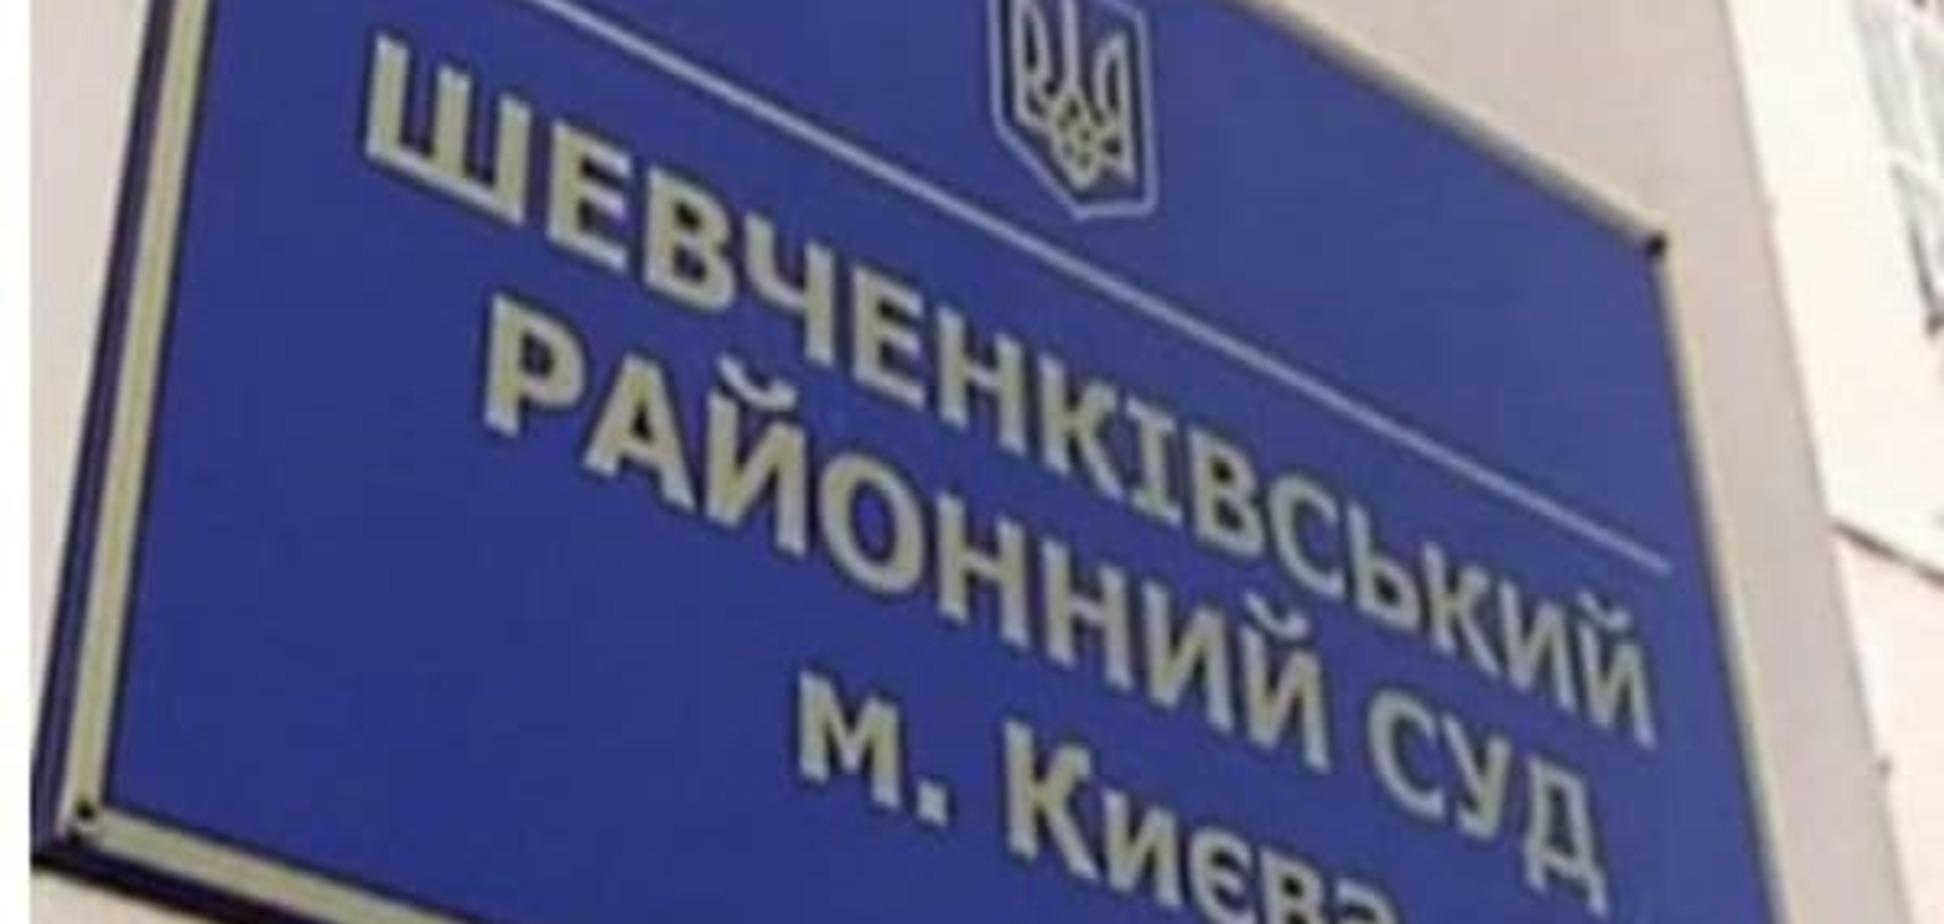 В Киеве суд арестовал на 2 месяца донецкого бизнесмена по подозрению в 'финансировании терроризма'